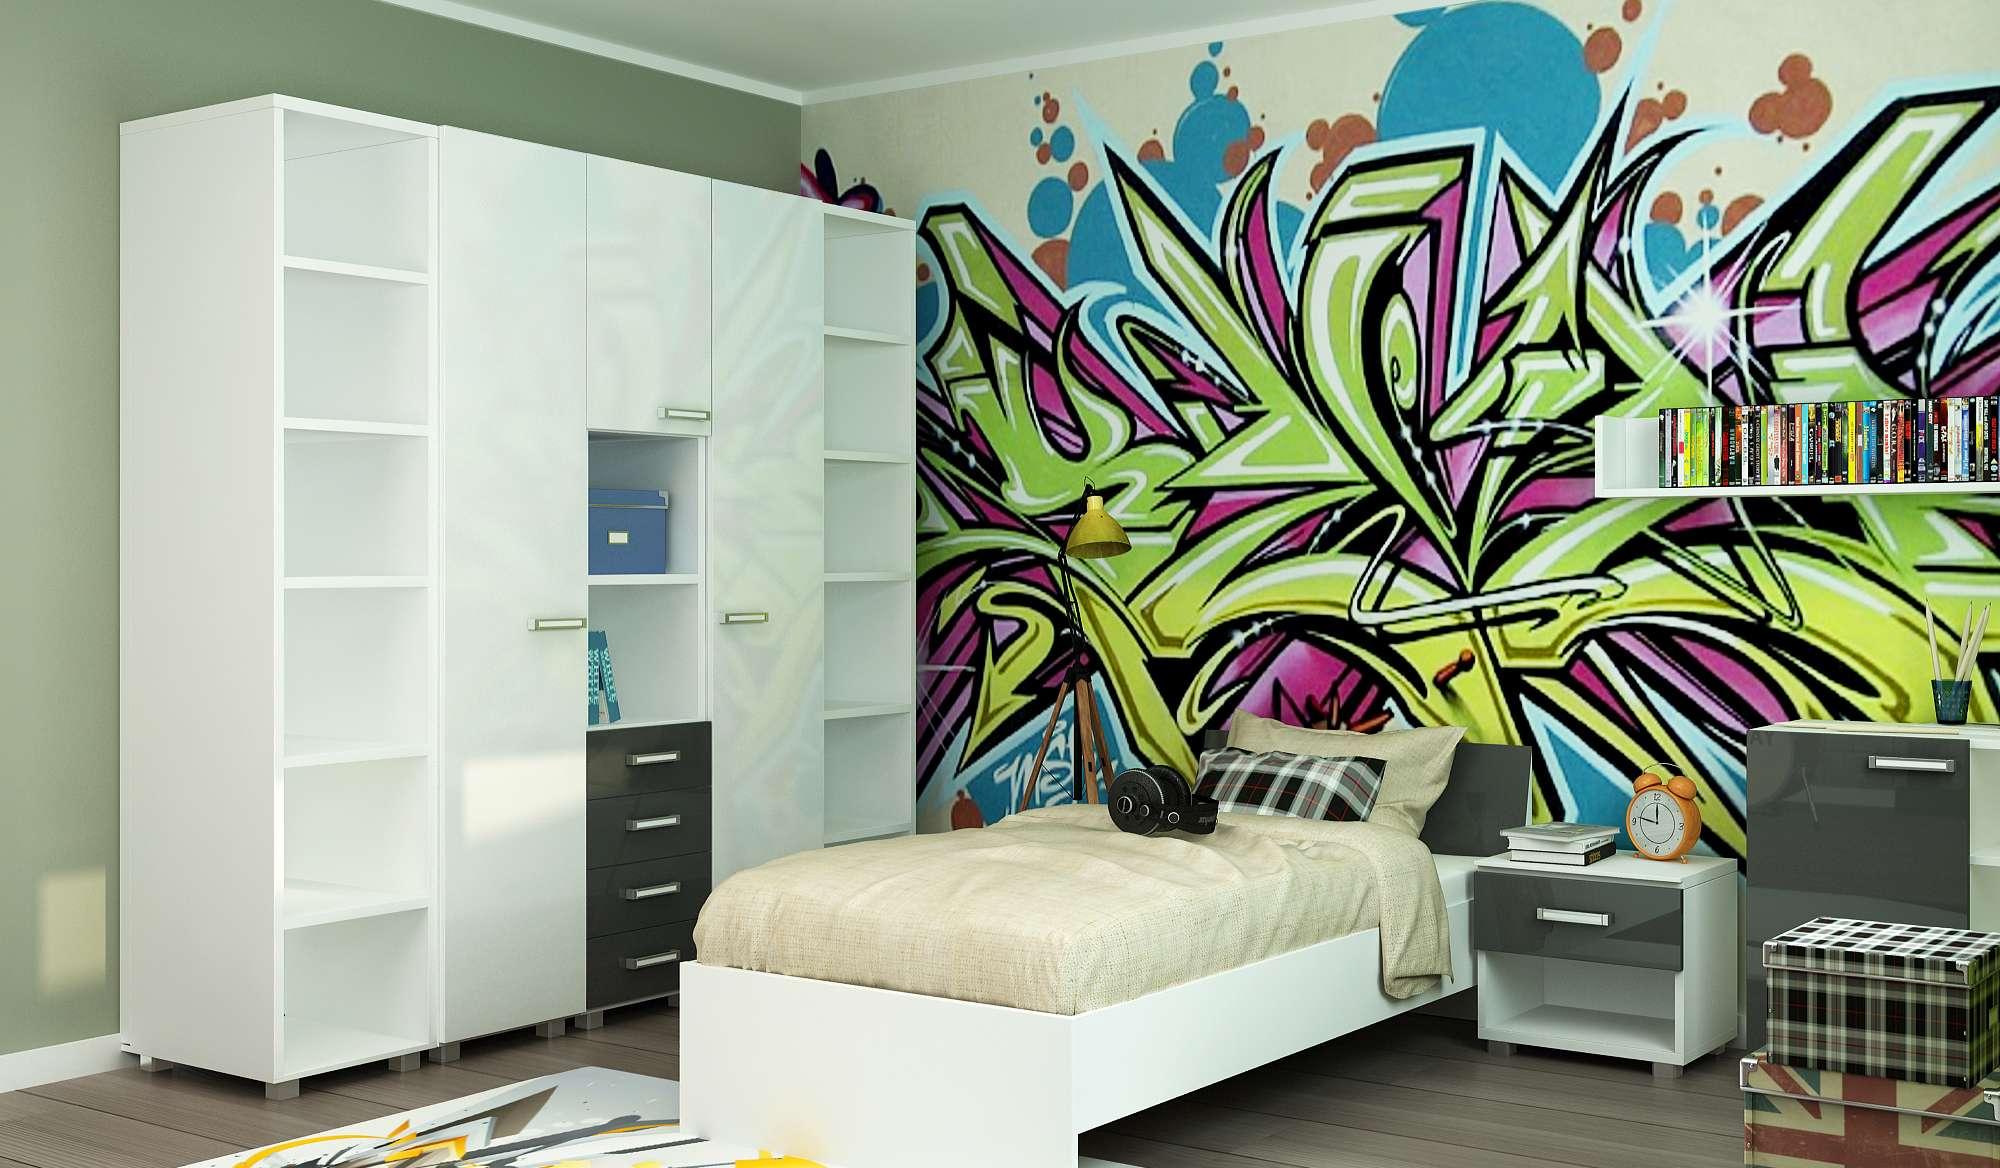 что означают понятия постер граффити принт эргономичная мебель кратко китайского характерна пышная